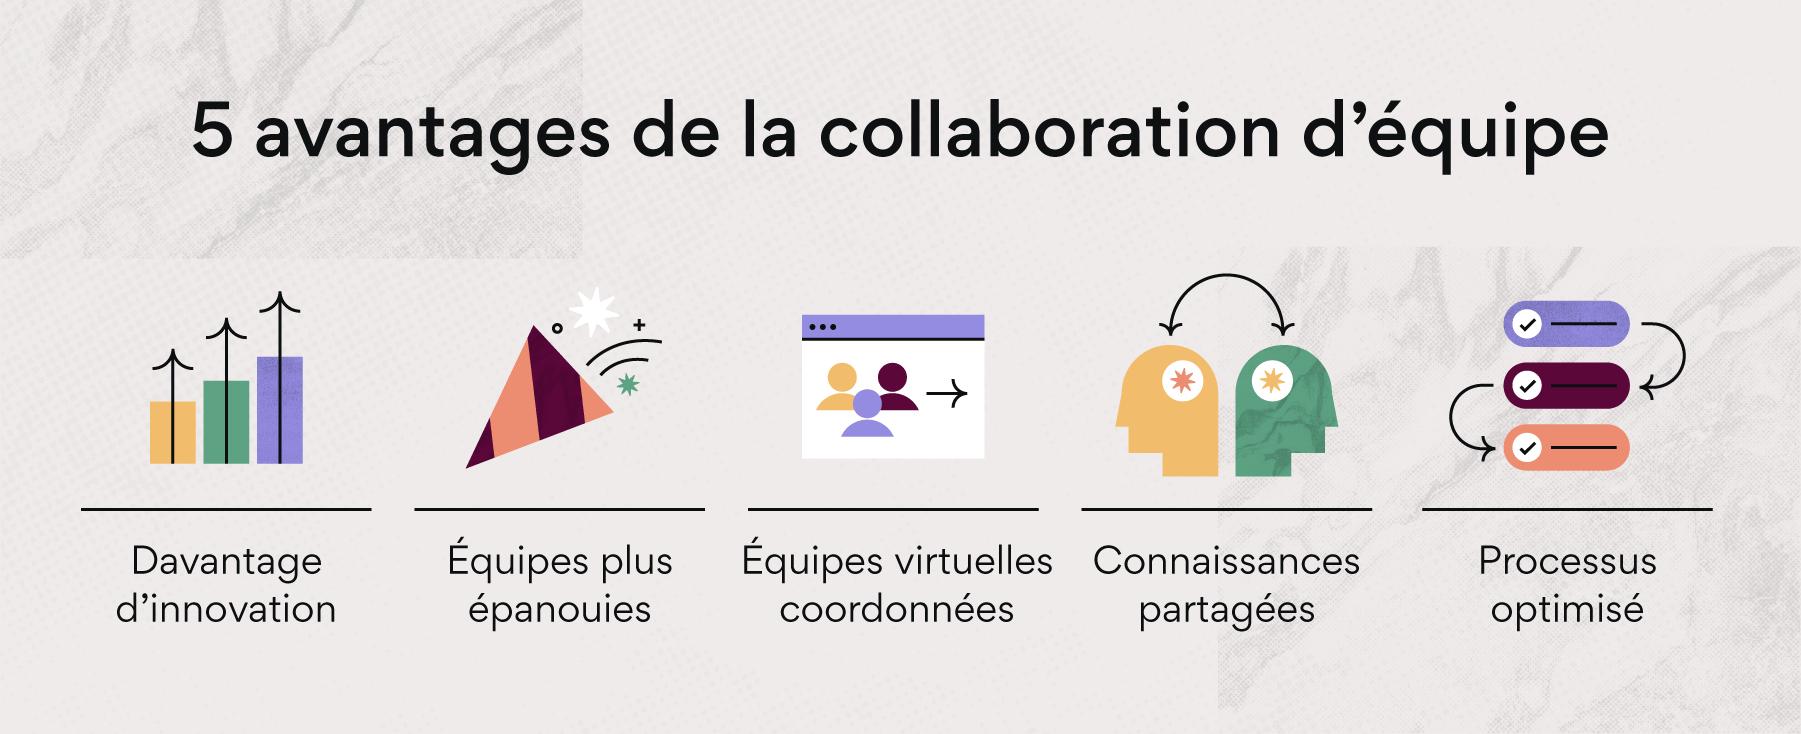 5avantages de la collaboration d'équipe